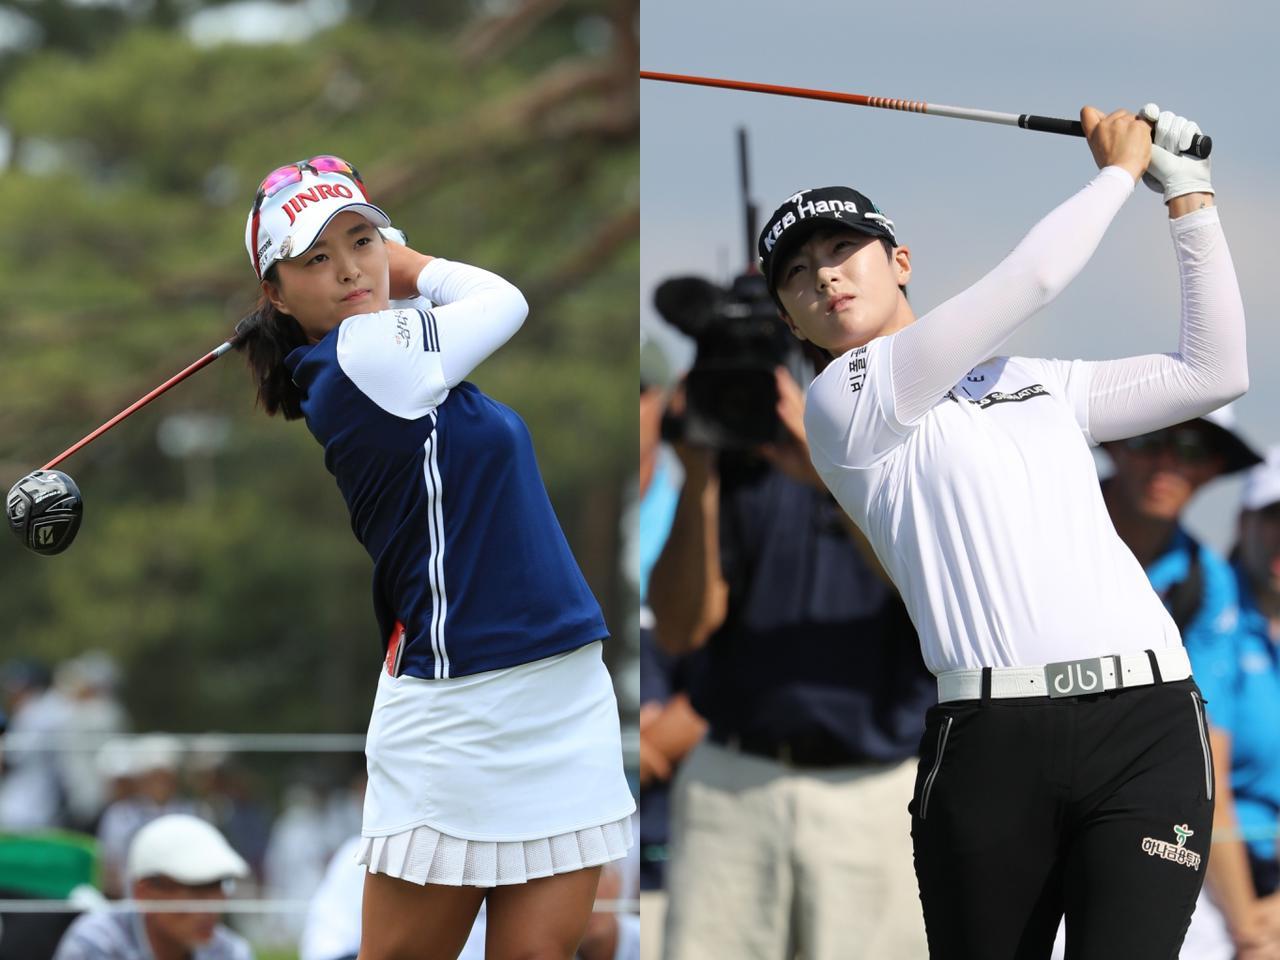 画像: 世界ランキング1位のコ・ジンヨン(写真左:写真は17年「サロンパスカップ」撮影/姉崎正)と同2位のパク・ソンヒョン(写真右:写真は19年「全米女子オープン」撮影/姉崎正)。女子五輪代表枠で最も熾烈な韓国でも抜き出た存在の2人だ